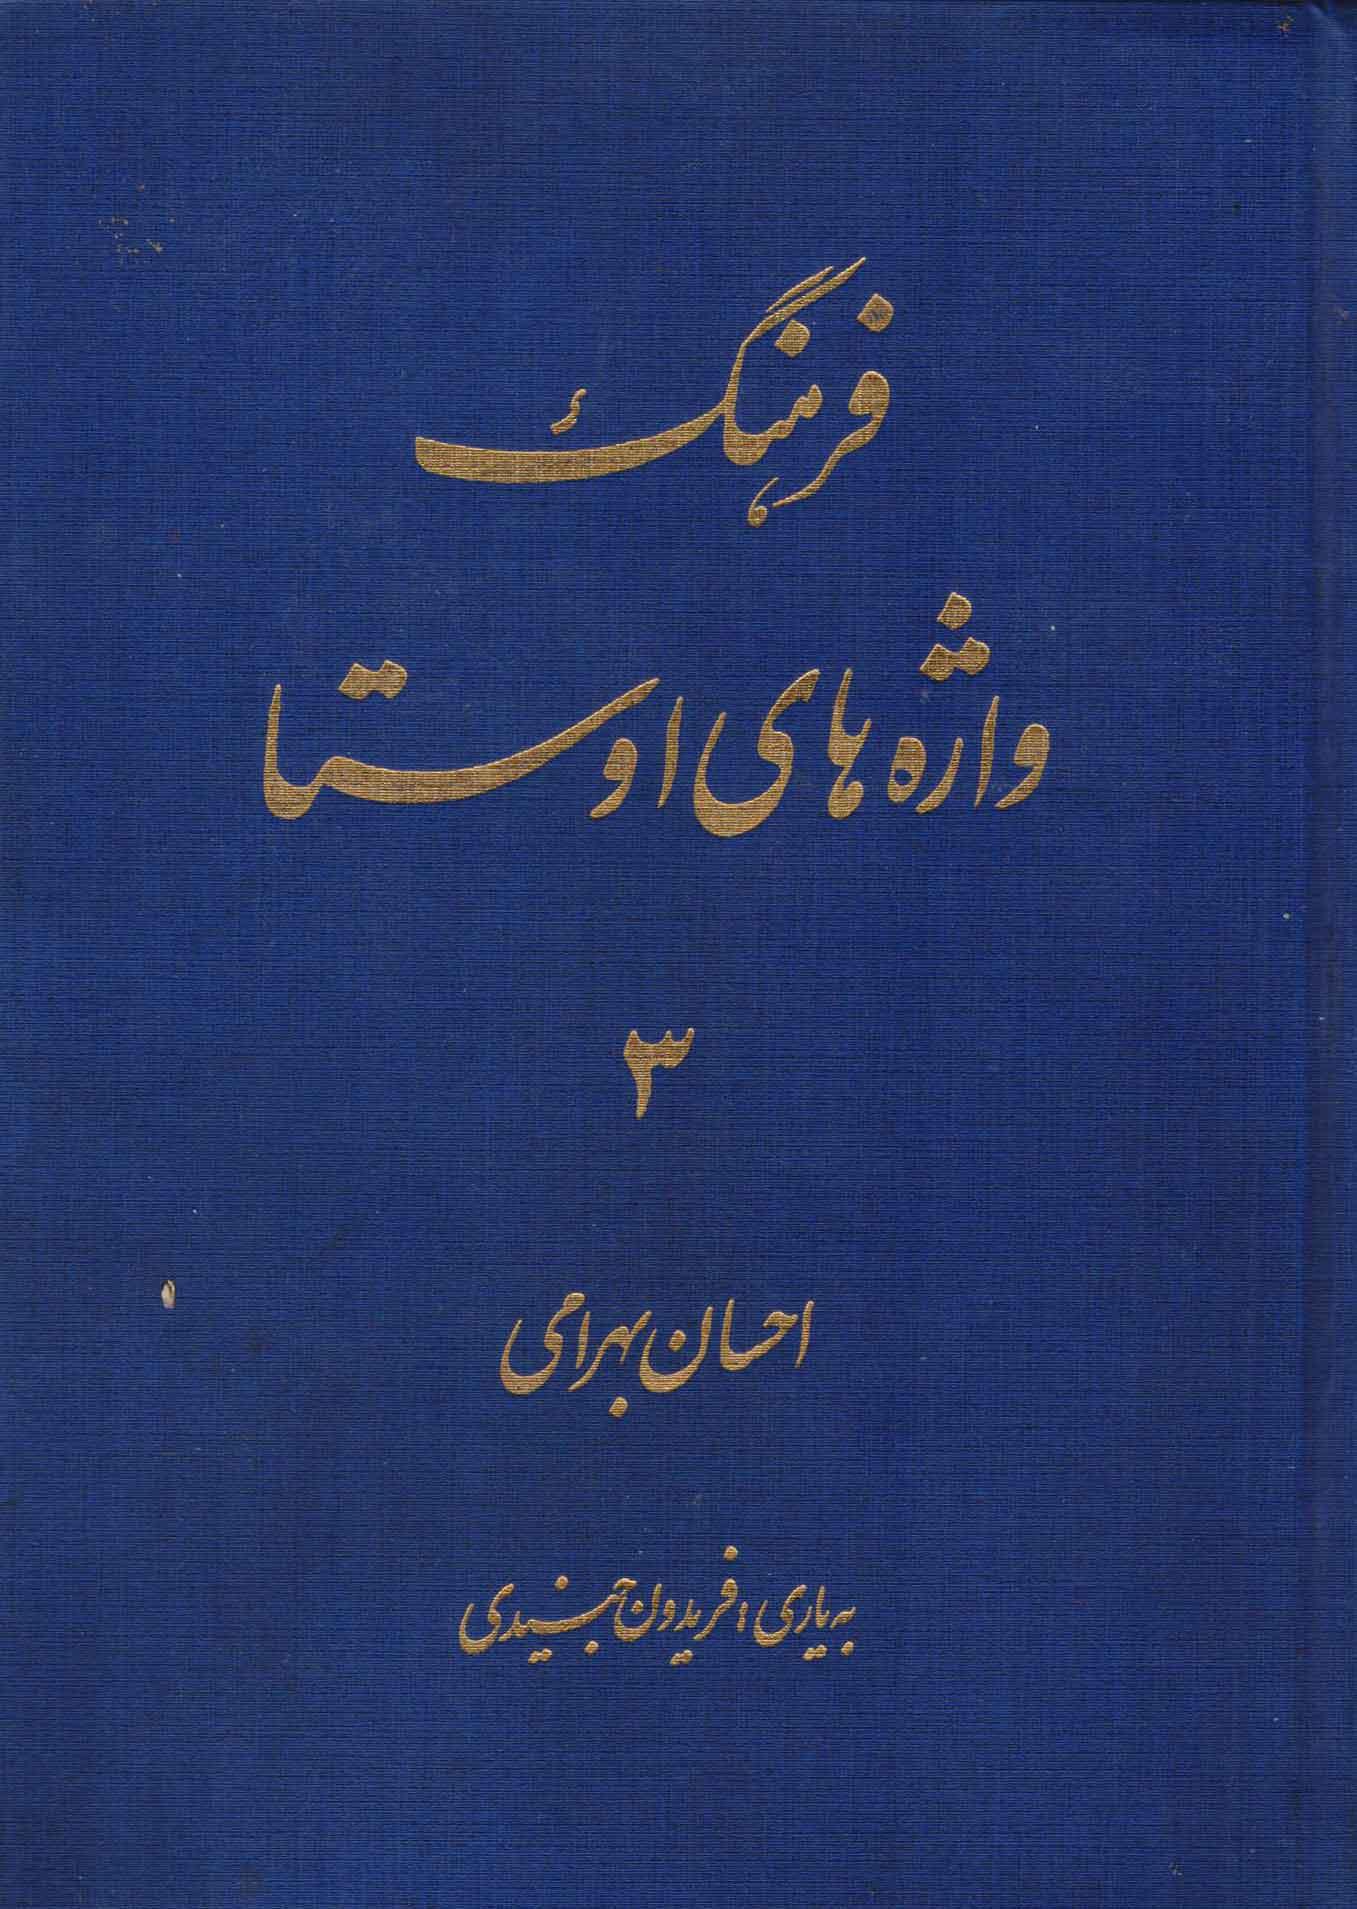 کتاب فرهنگ واژه های اوستا - جلد سوم